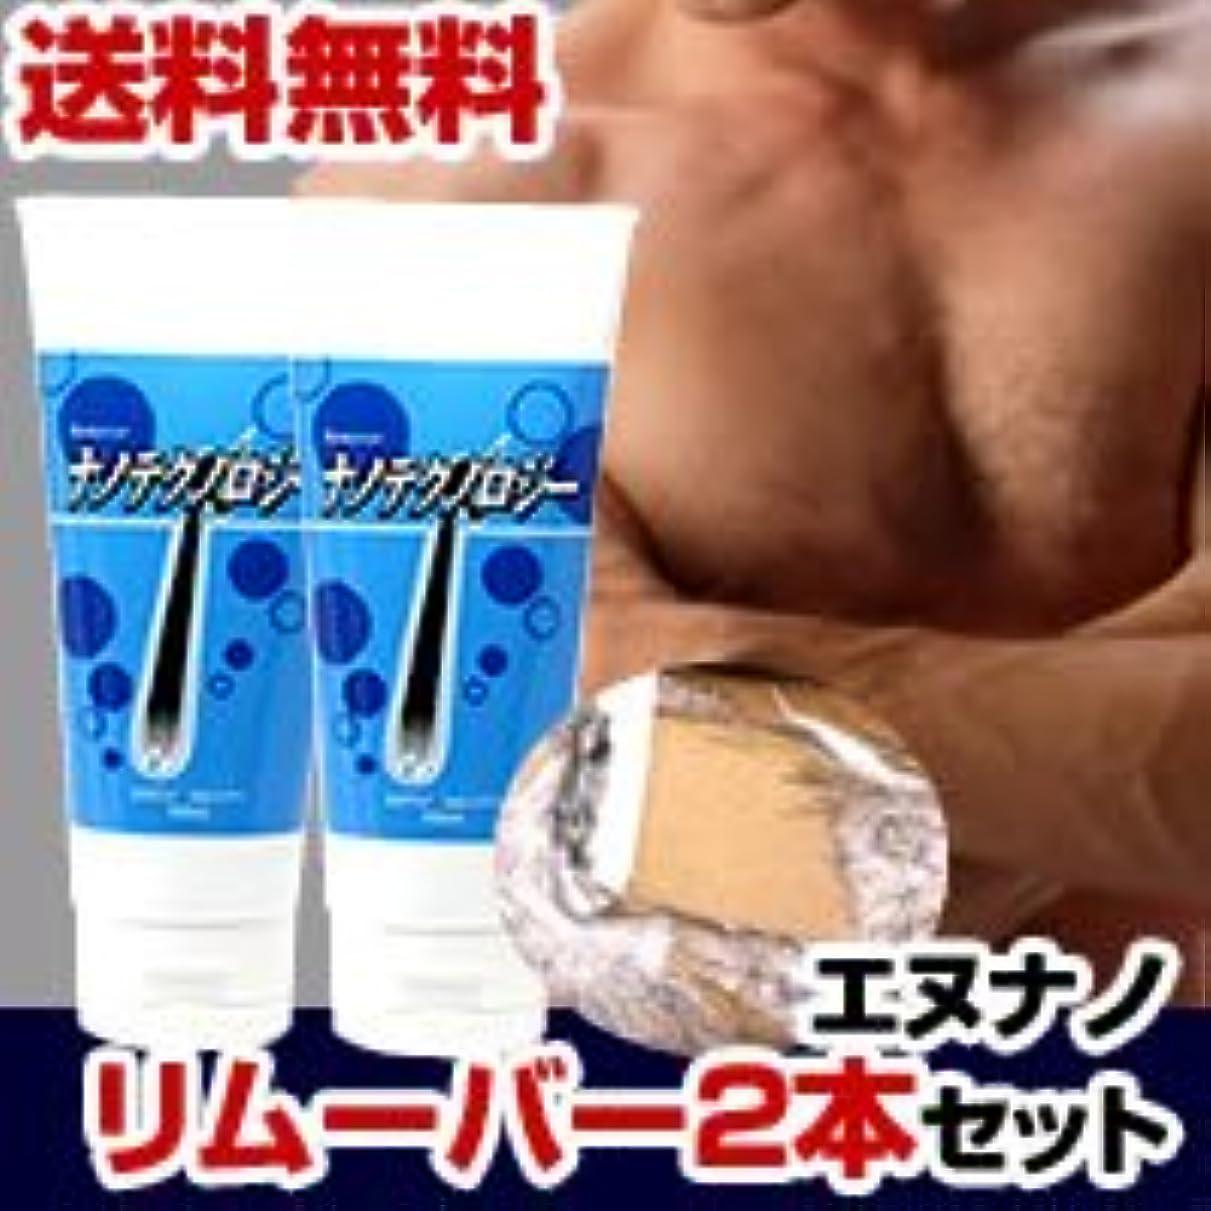 シリアル旋回表面的なエヌナノ リムーバー(医薬部外品) 【除毛クリーム】 150ml ×2本